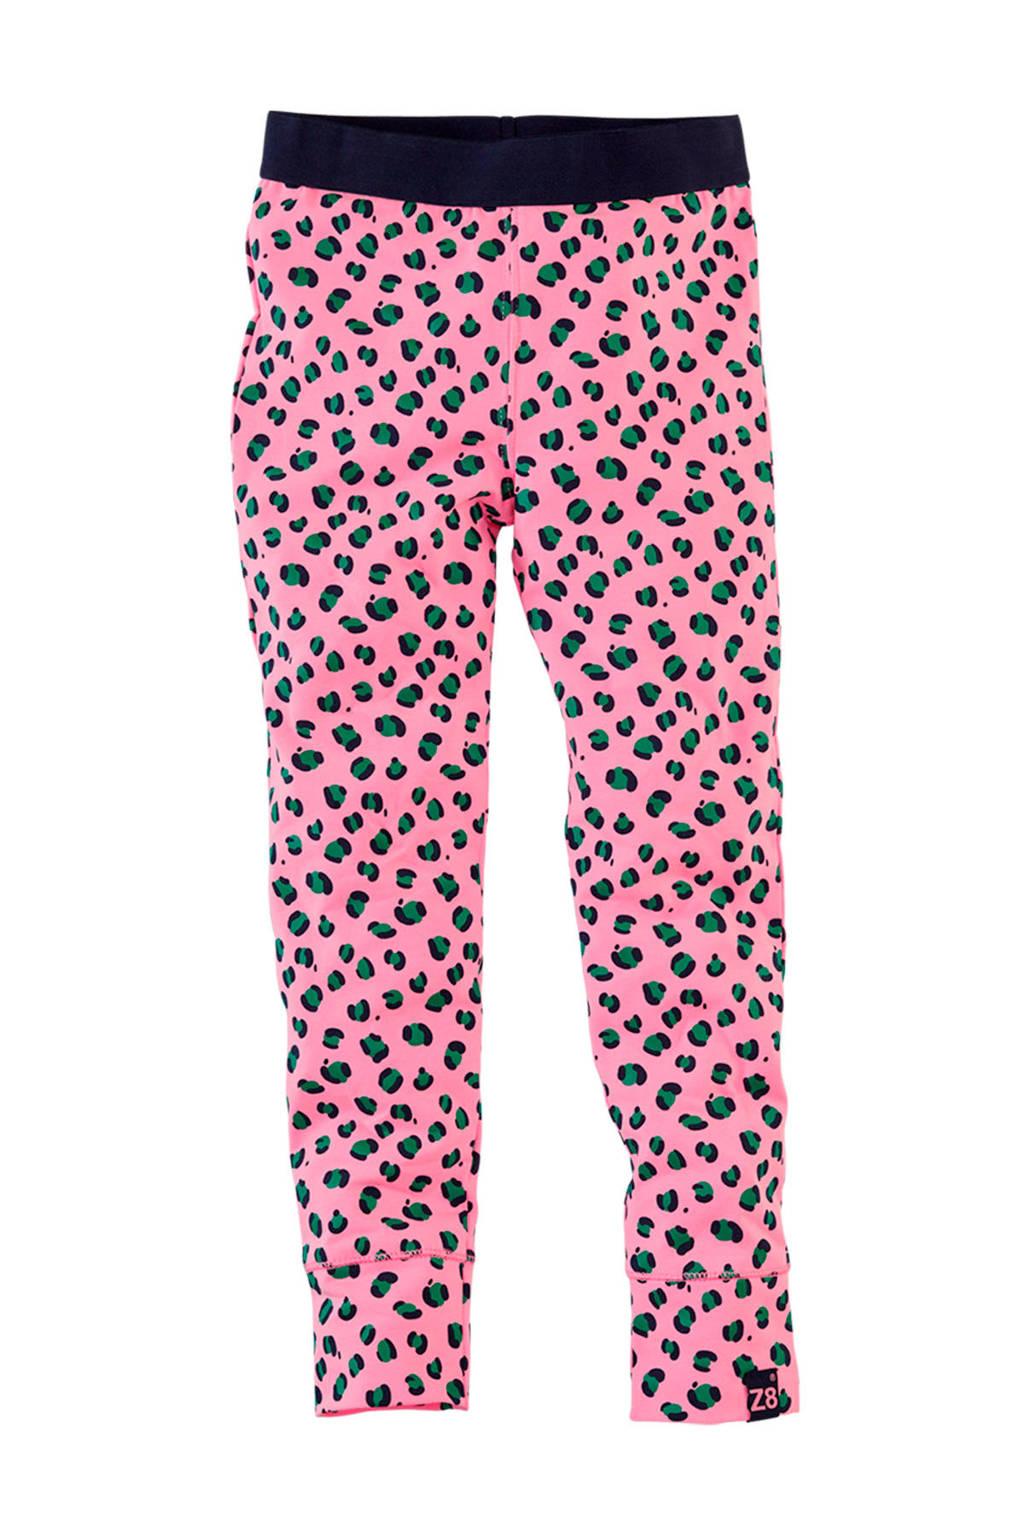 Z8 legging Barbara met panterprint roze/zwart/groen, Roze/zwart/groen